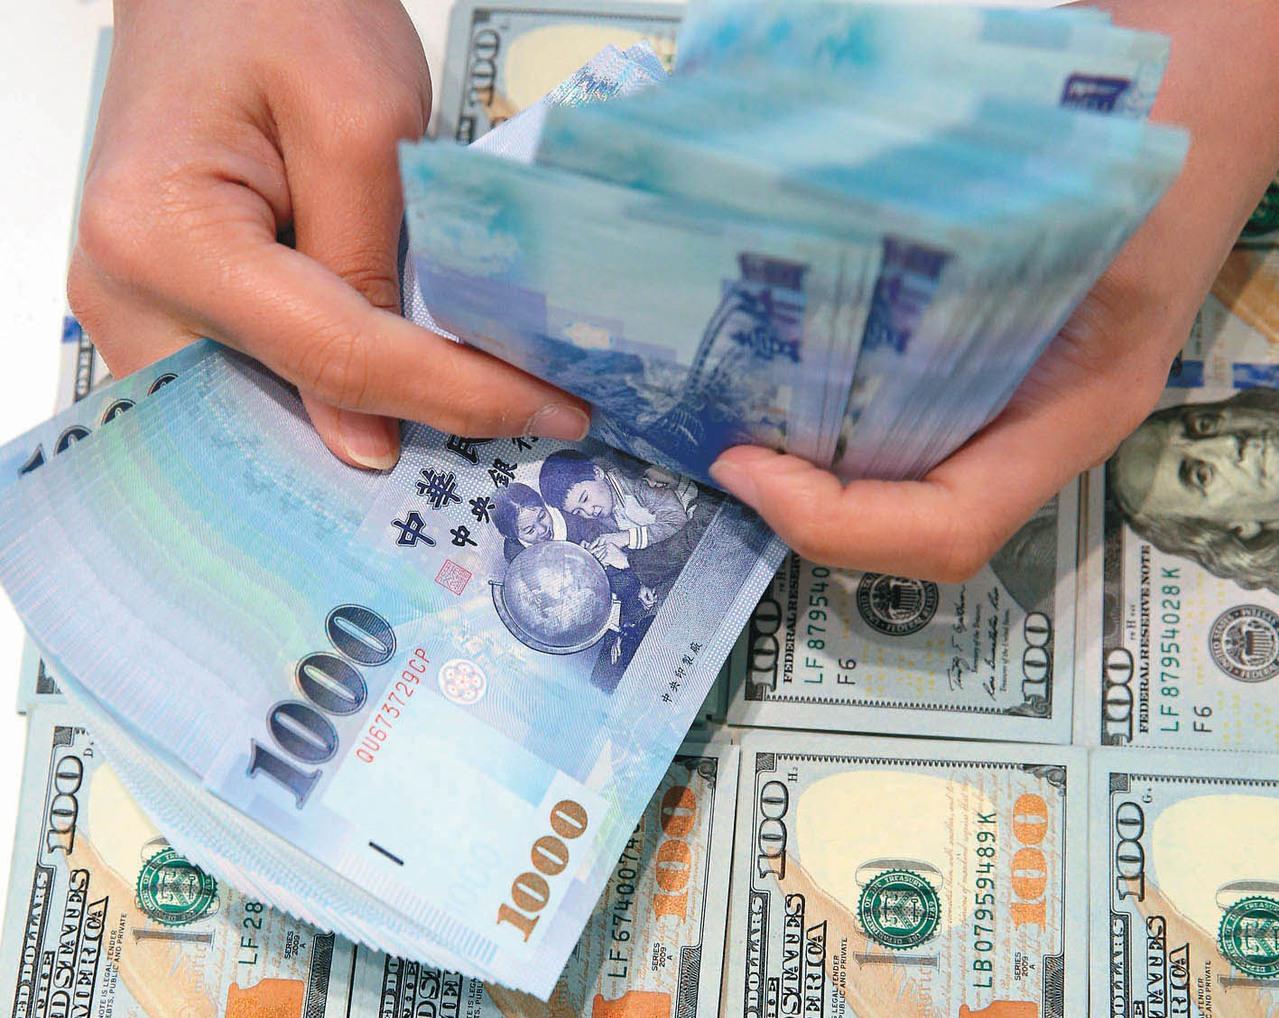 外匯交易員認為,美元短線偏弱,但市場沒有顯著方向性,新台幣將延續盤整格局。 聯合...